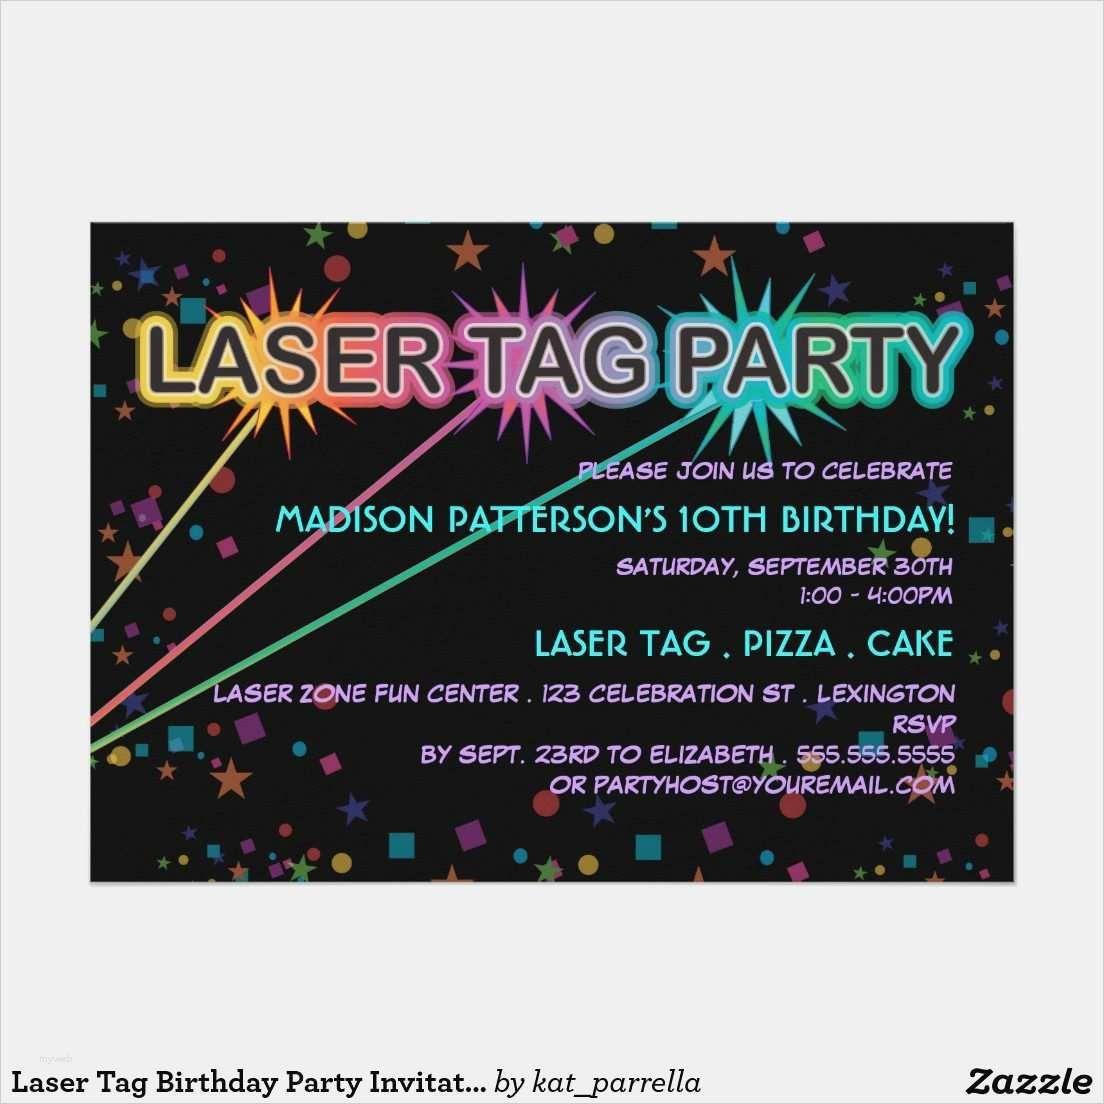 Lasertag Einladung Hannover Einladung Lasertag Party Einladung